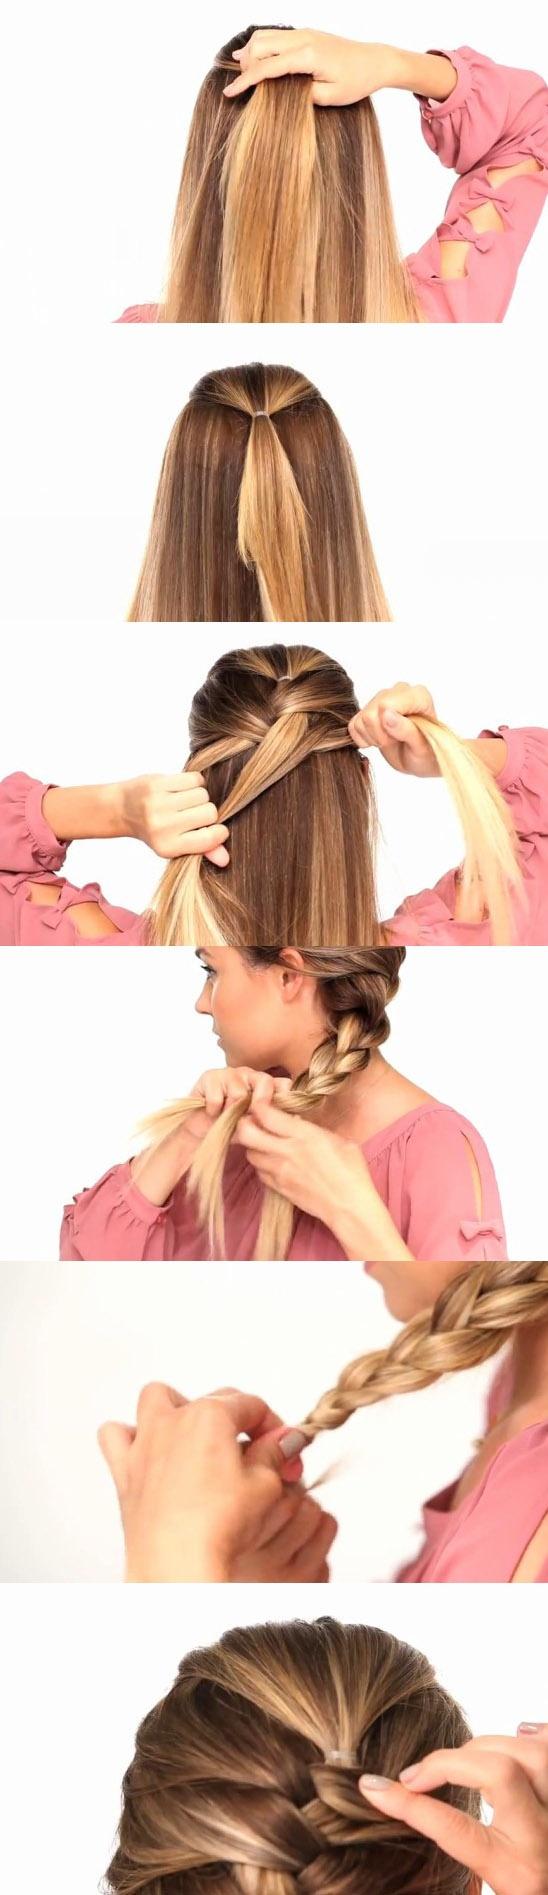 French Braid Hair Styles Braiding Your Own Hair Hair Makeup